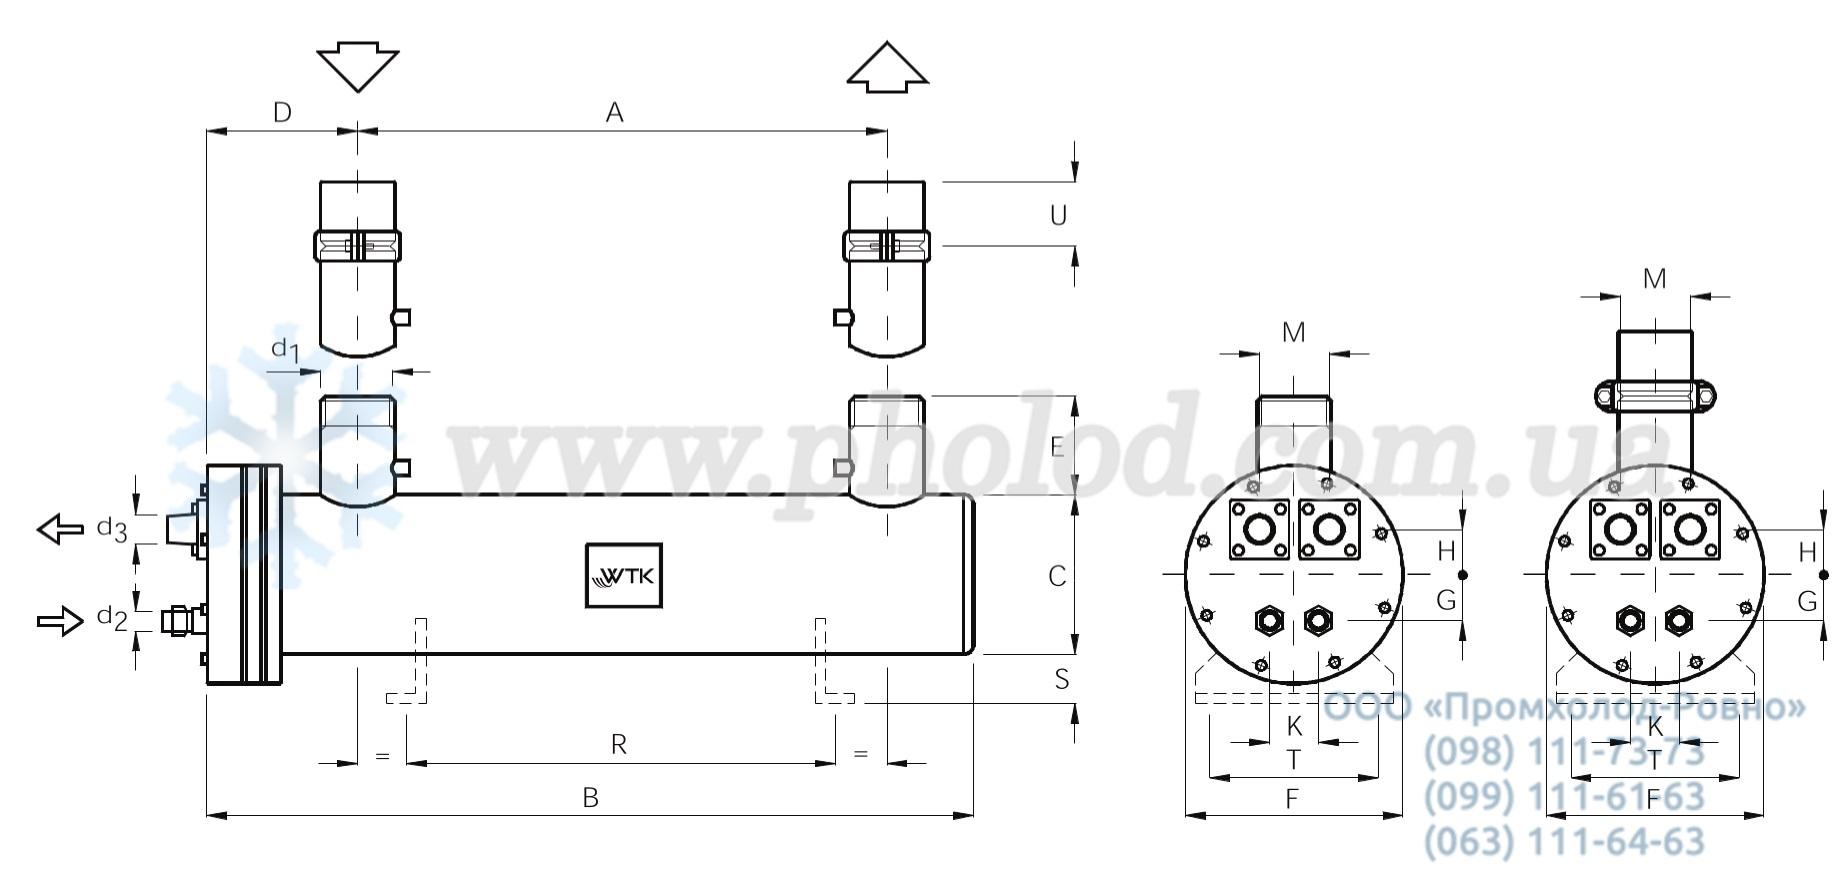 Кожухотрубный испаритель WTK DCE 343 Артём Пластинчатый теплообменник Машимпэкс (GEA) NT 50T Глазов